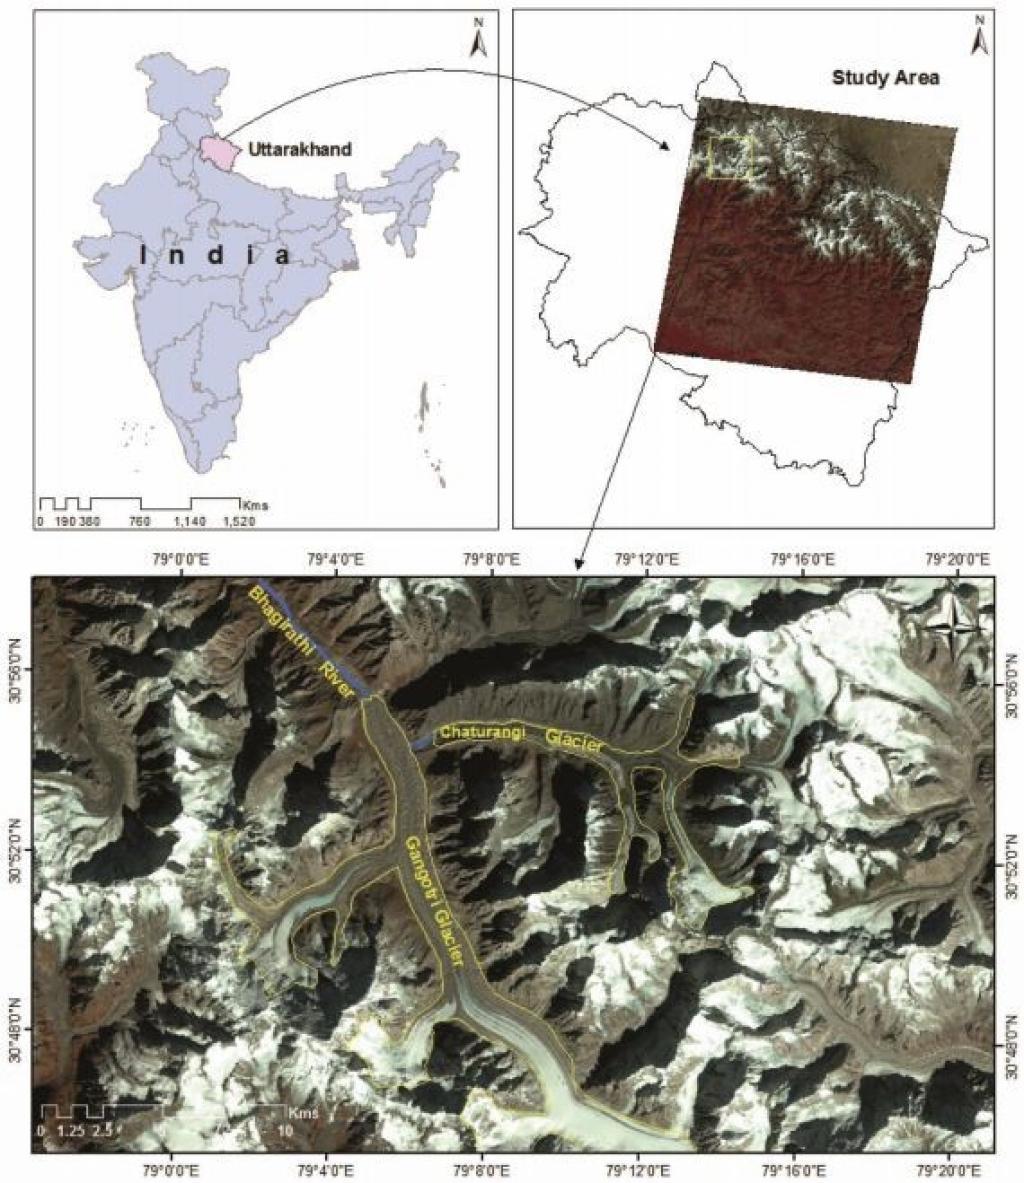 चतुरंगी ग्लेशियर की सीमाओं की वर्तमान स्थिति के साथ अध्ययन क्षेत्र का मानचित्र